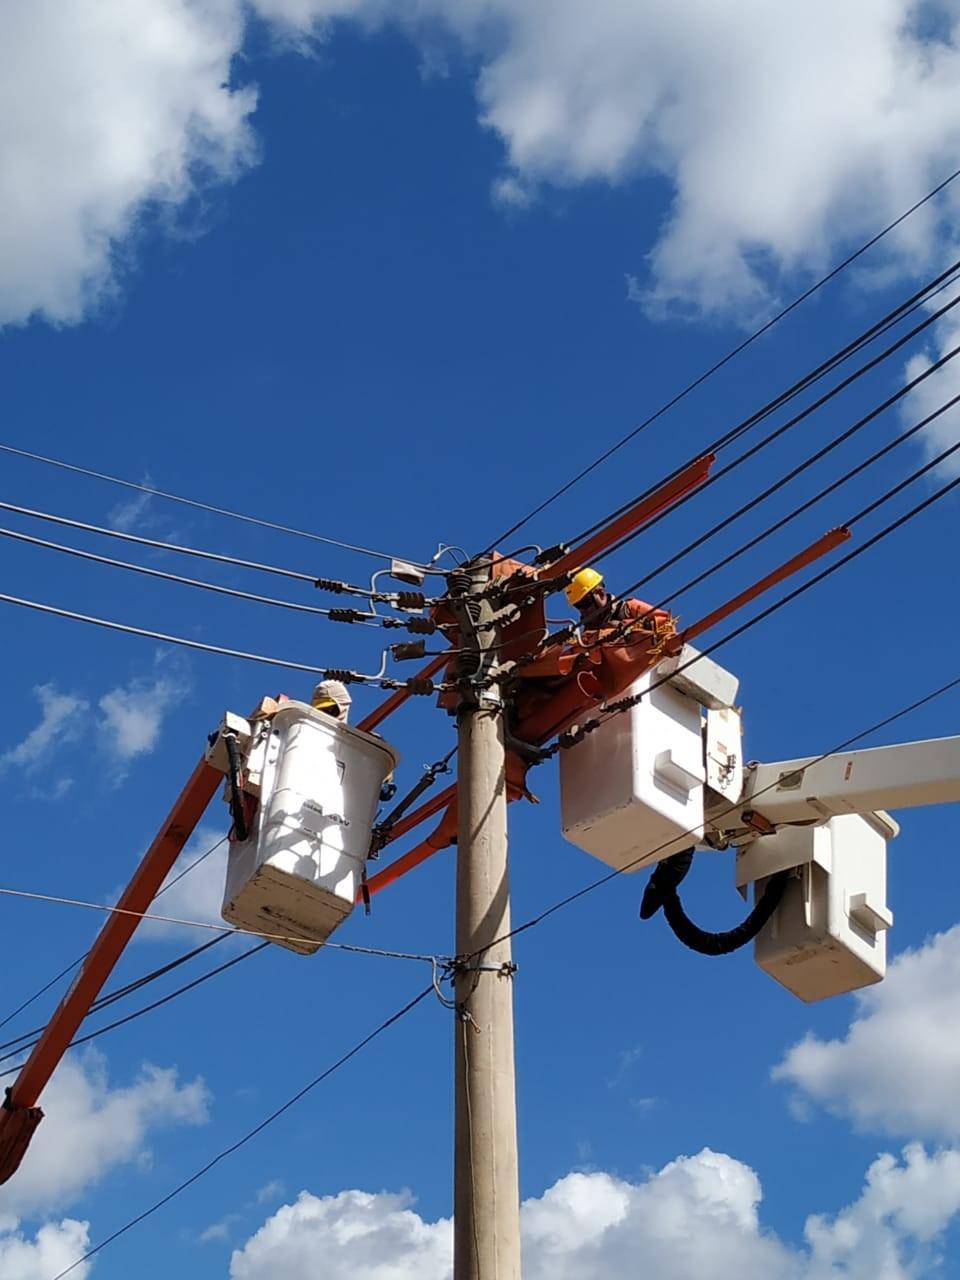 Cemig realiza instalação de religador no Bairro Gameleira em Uberaba nesta quarta; energia será desligada em parte da cidade